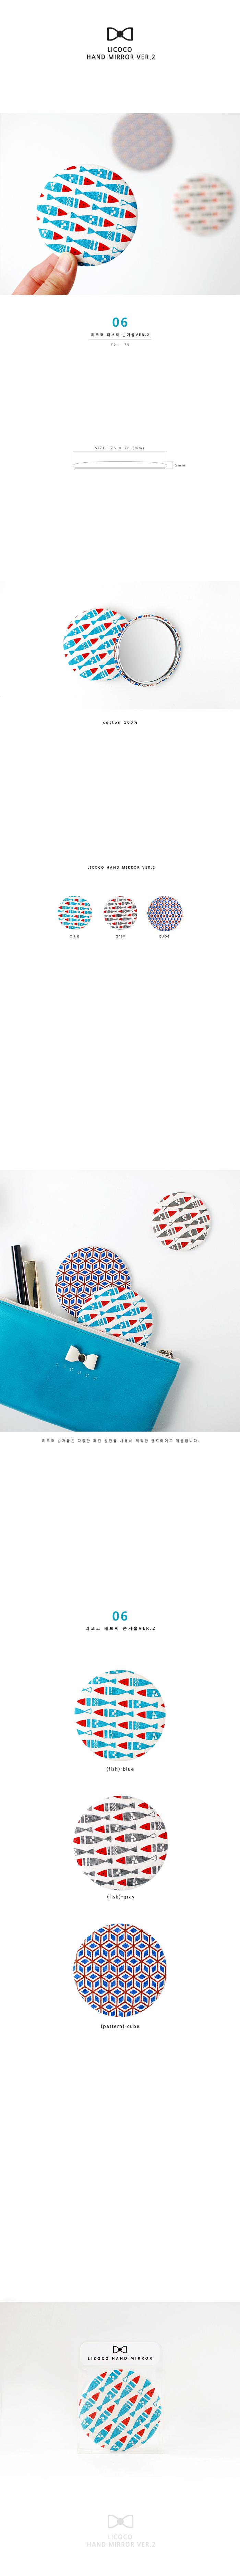 리코코 패브릭 손거울 VER.2 - 06 - 삼알, 3,500원, 도구, 거울